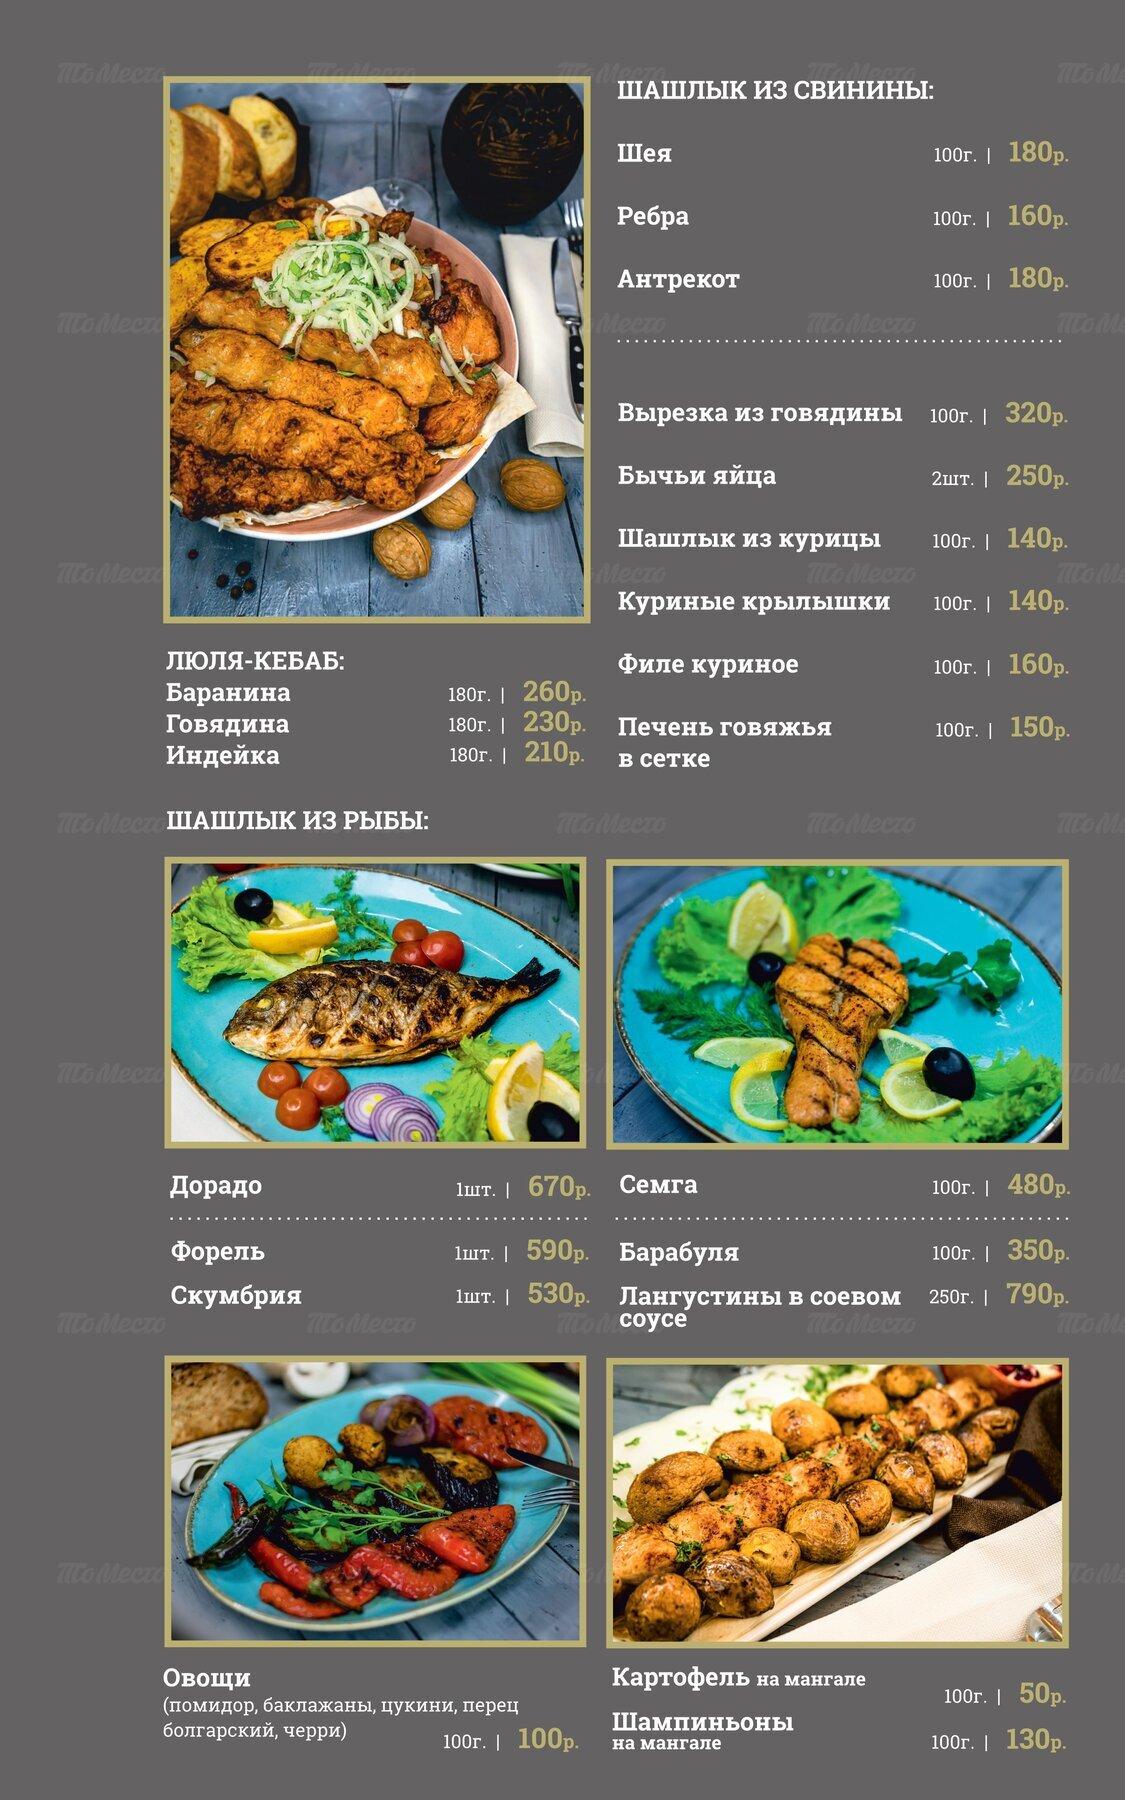 Меню ресторана Хванчкара на улице Селезнёва фото 23